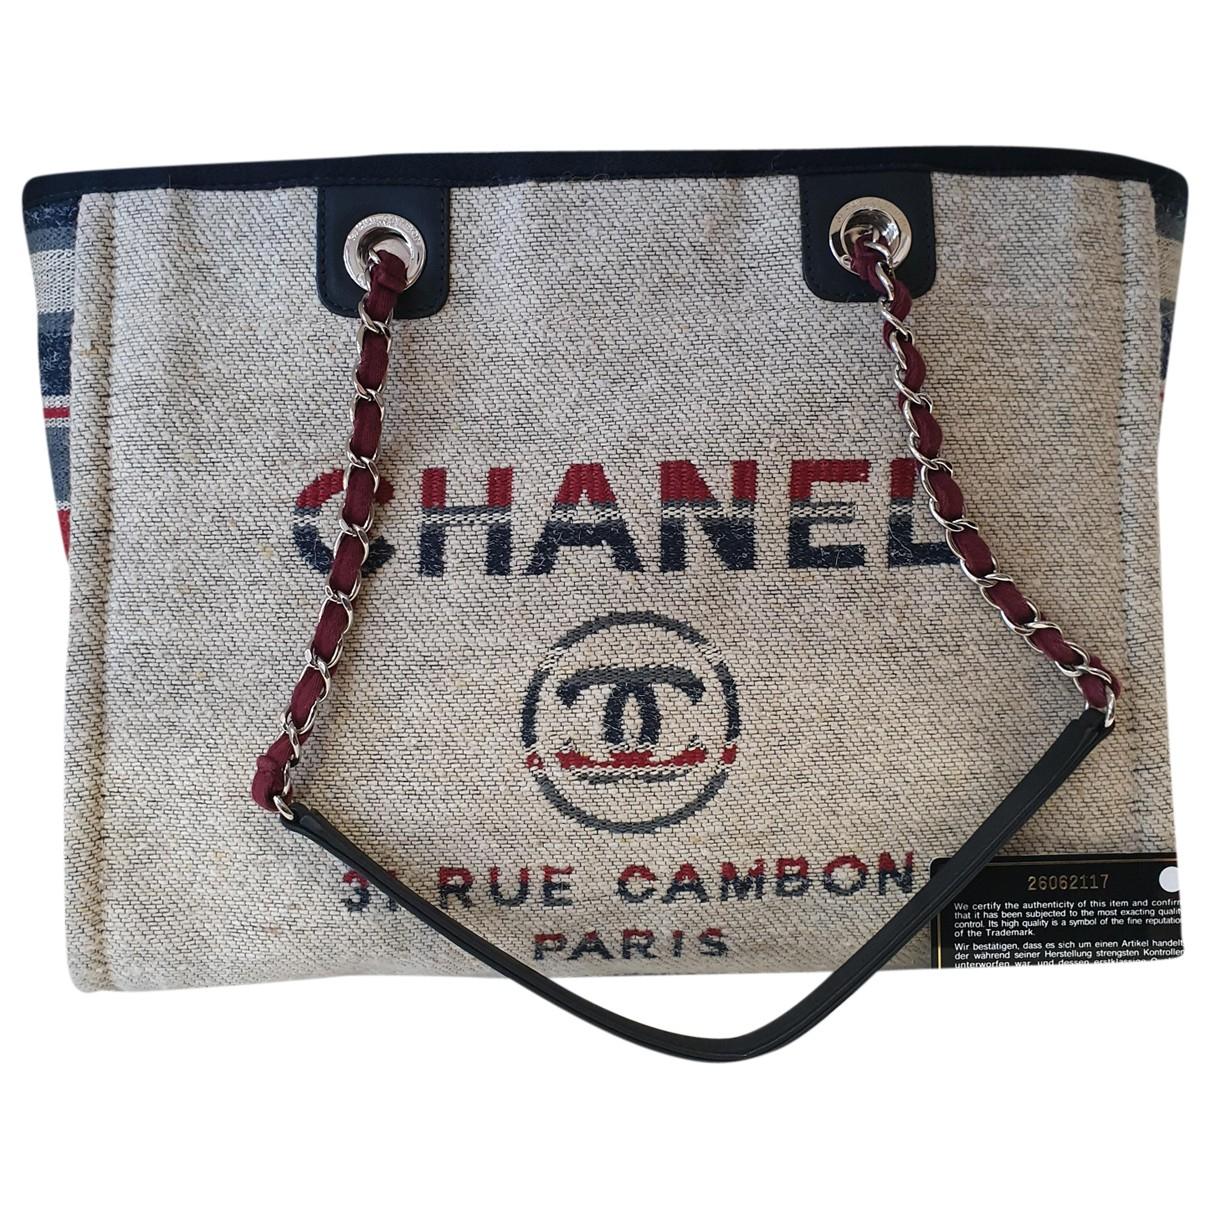 Chanel - Sac a main Deauville pour femme en toile - beige